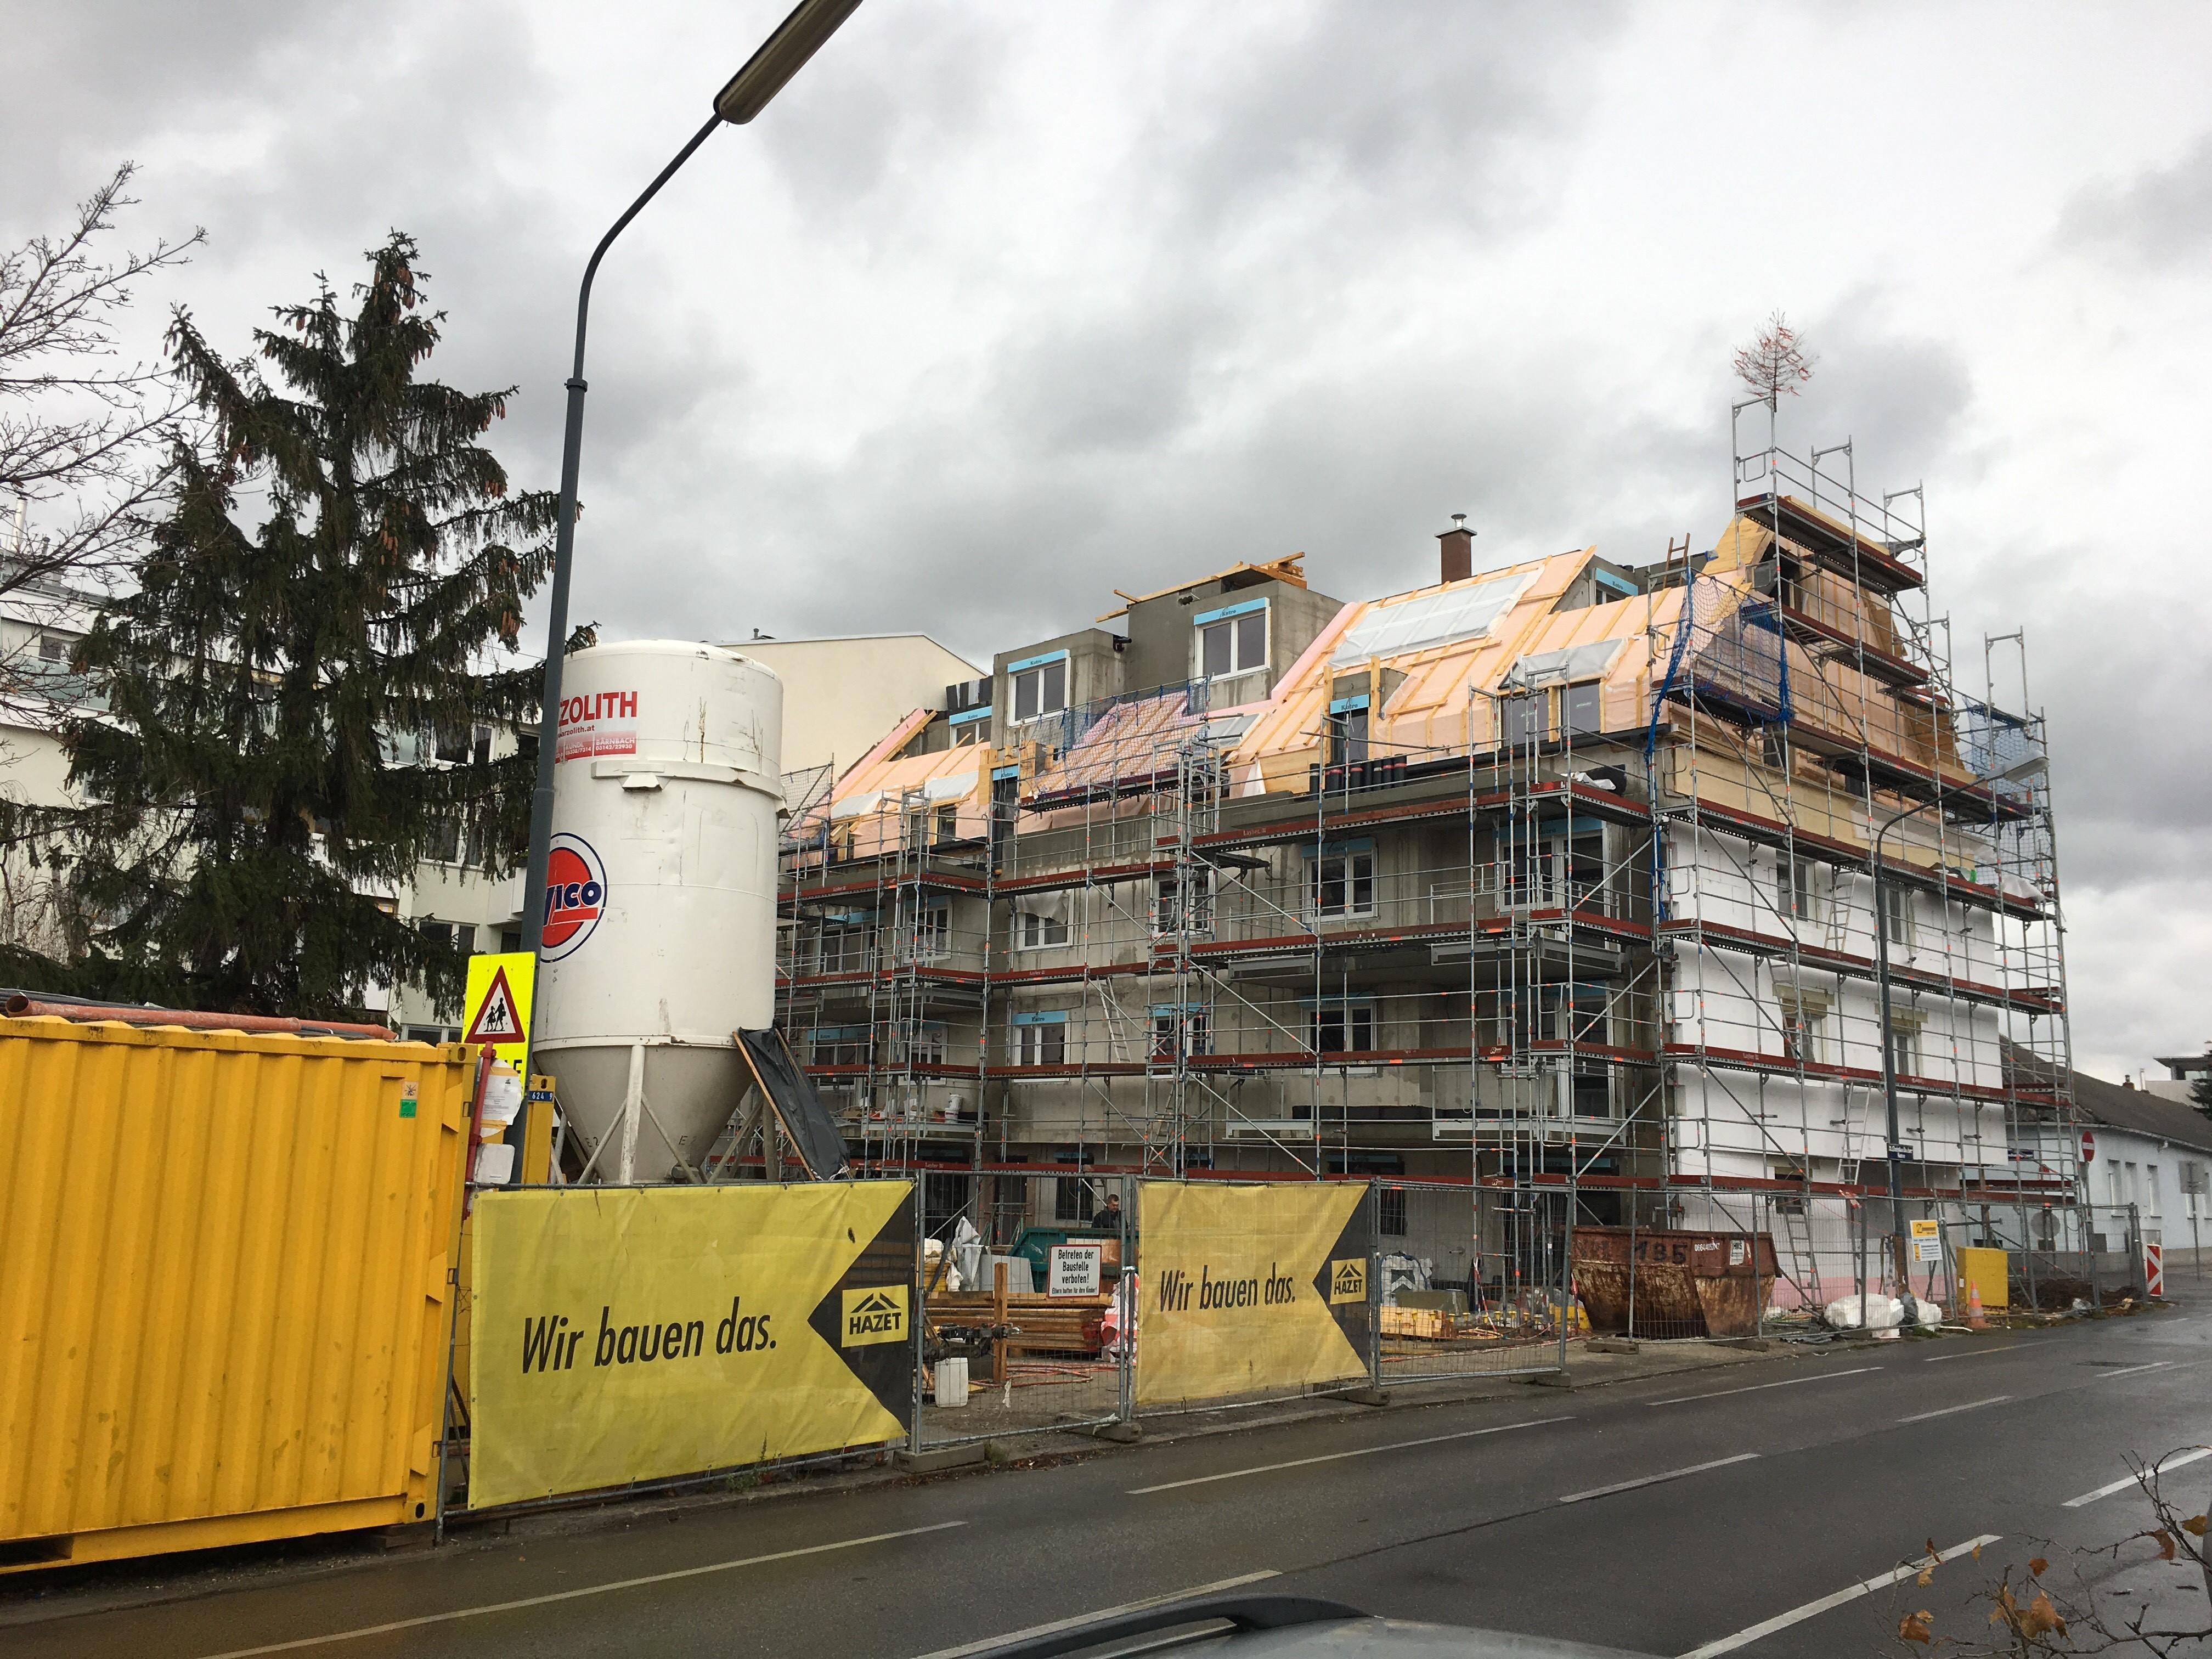 1210 Wien, Wenhartsgasse 1